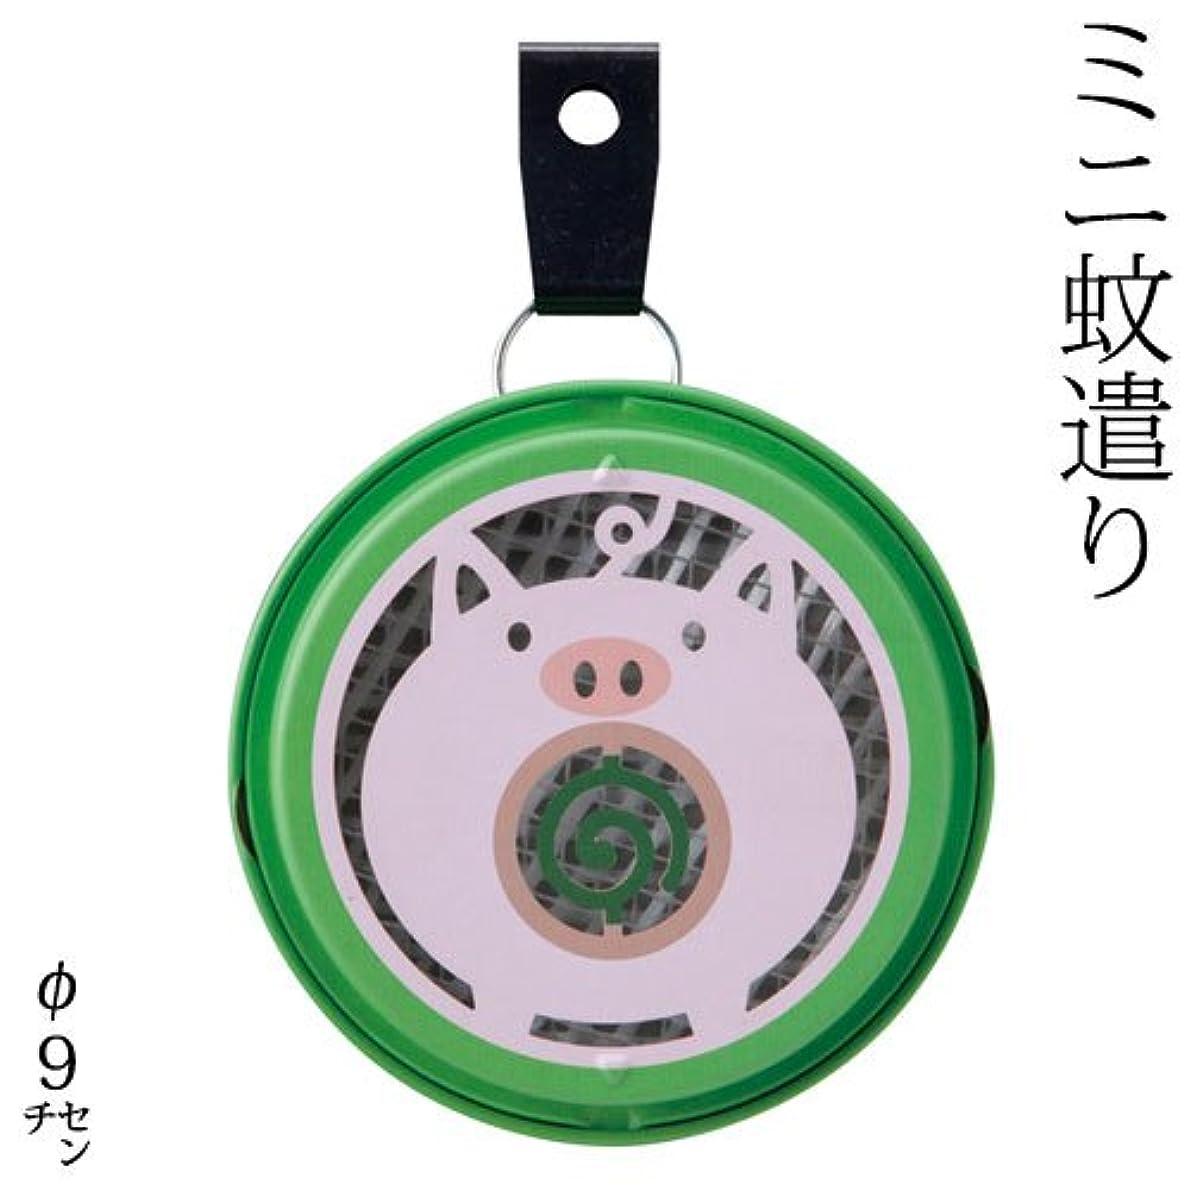 キリン洋服仕事DECOLEポータブルミニ蚊遣り蚊遣りぶた (SK-87514)吊り下げ?床置き対応Portable mini Kayari